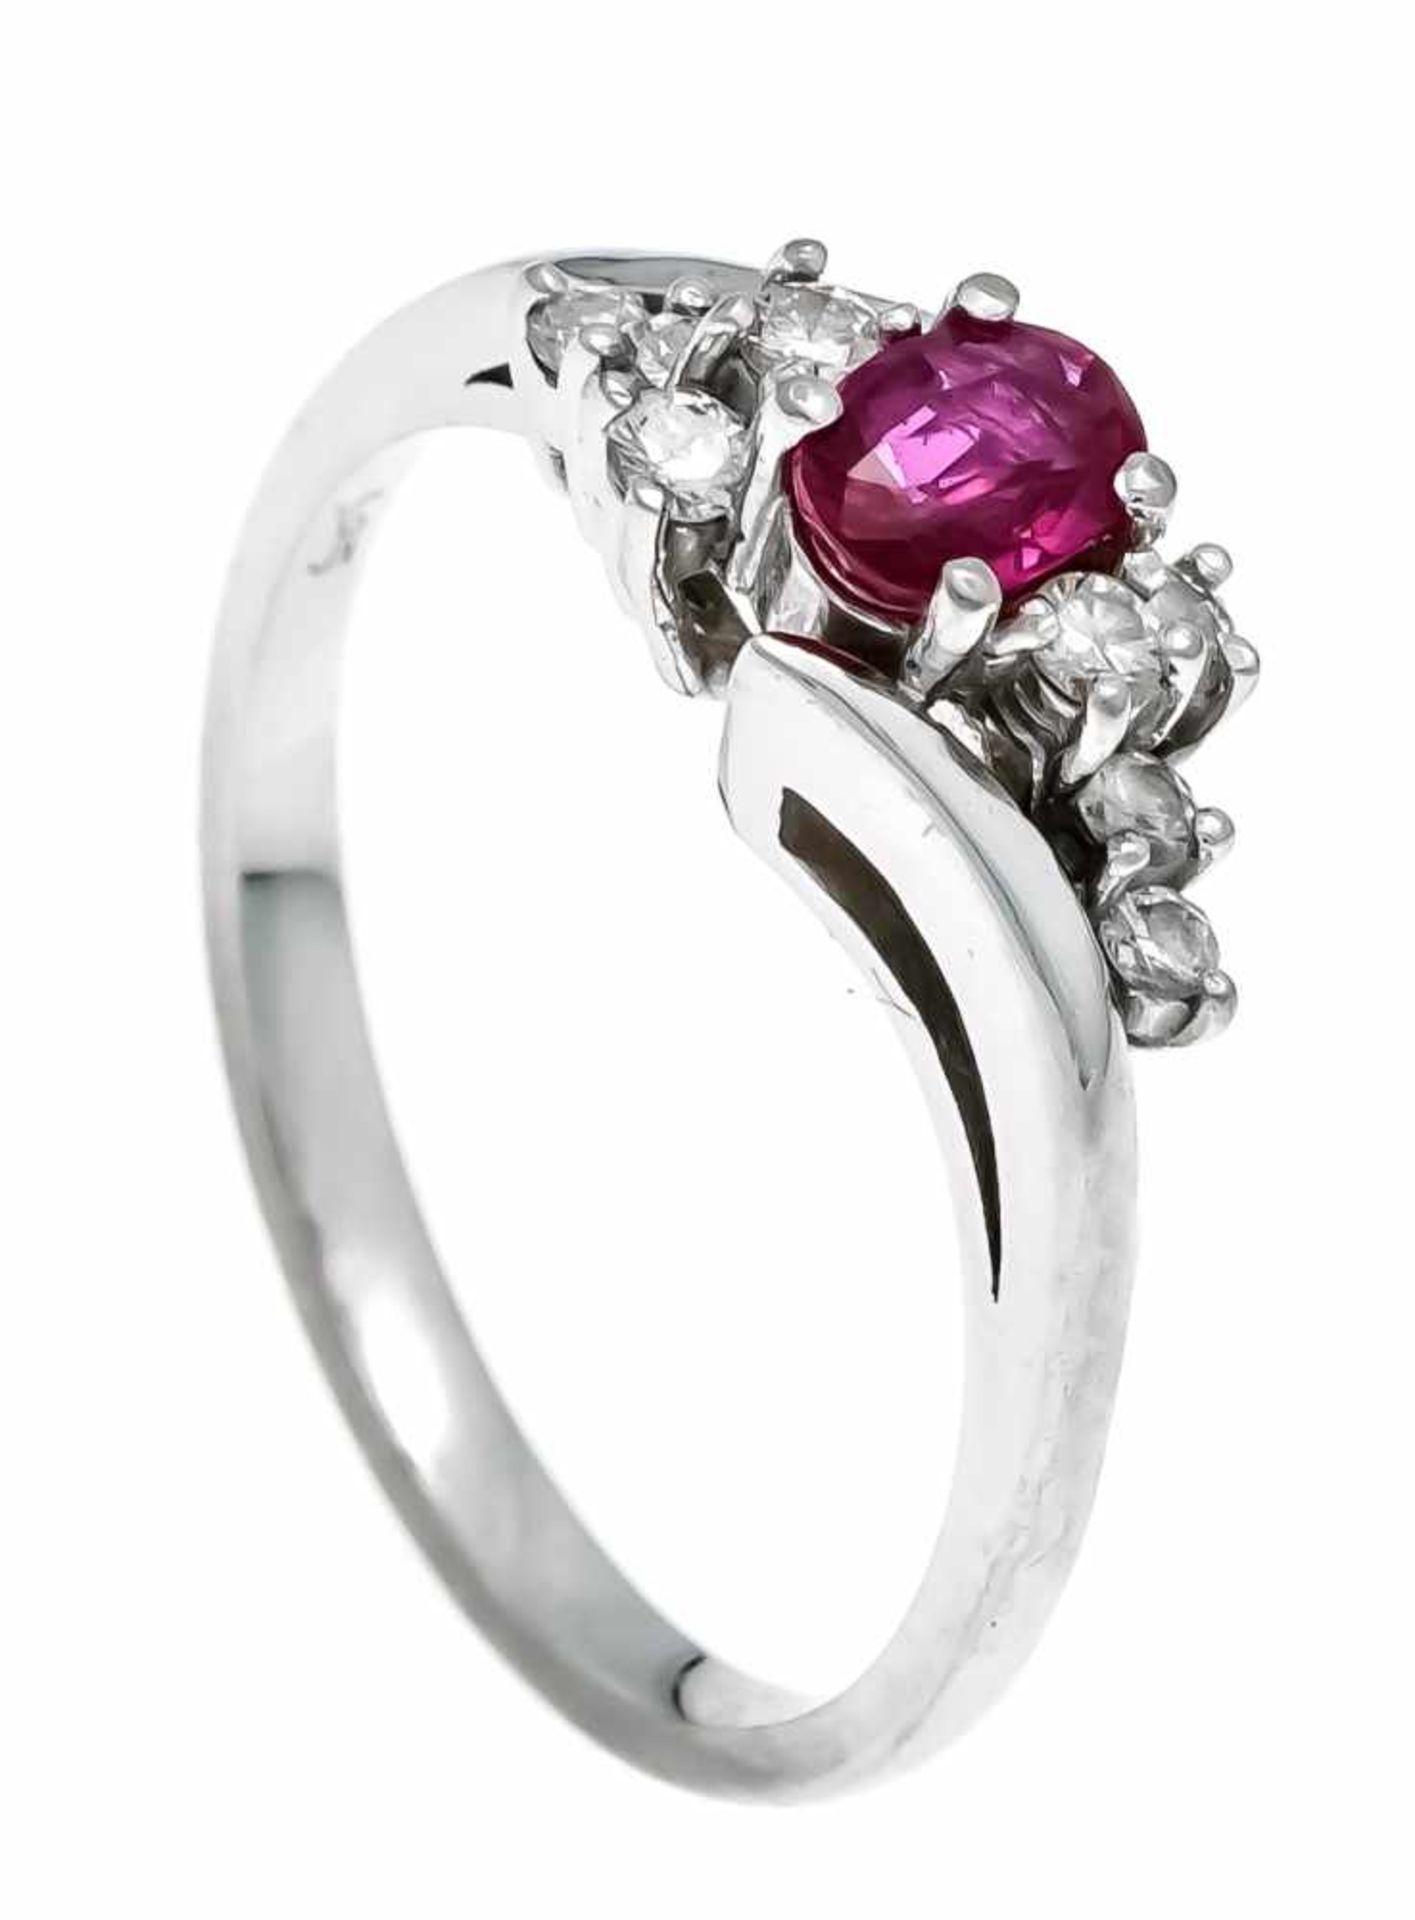 Rubin-Brillant-Ring WG 585/000 mit einem oval fac. Rubin 5 x 3,5 mm in sehr guter Farbe und Reinheit